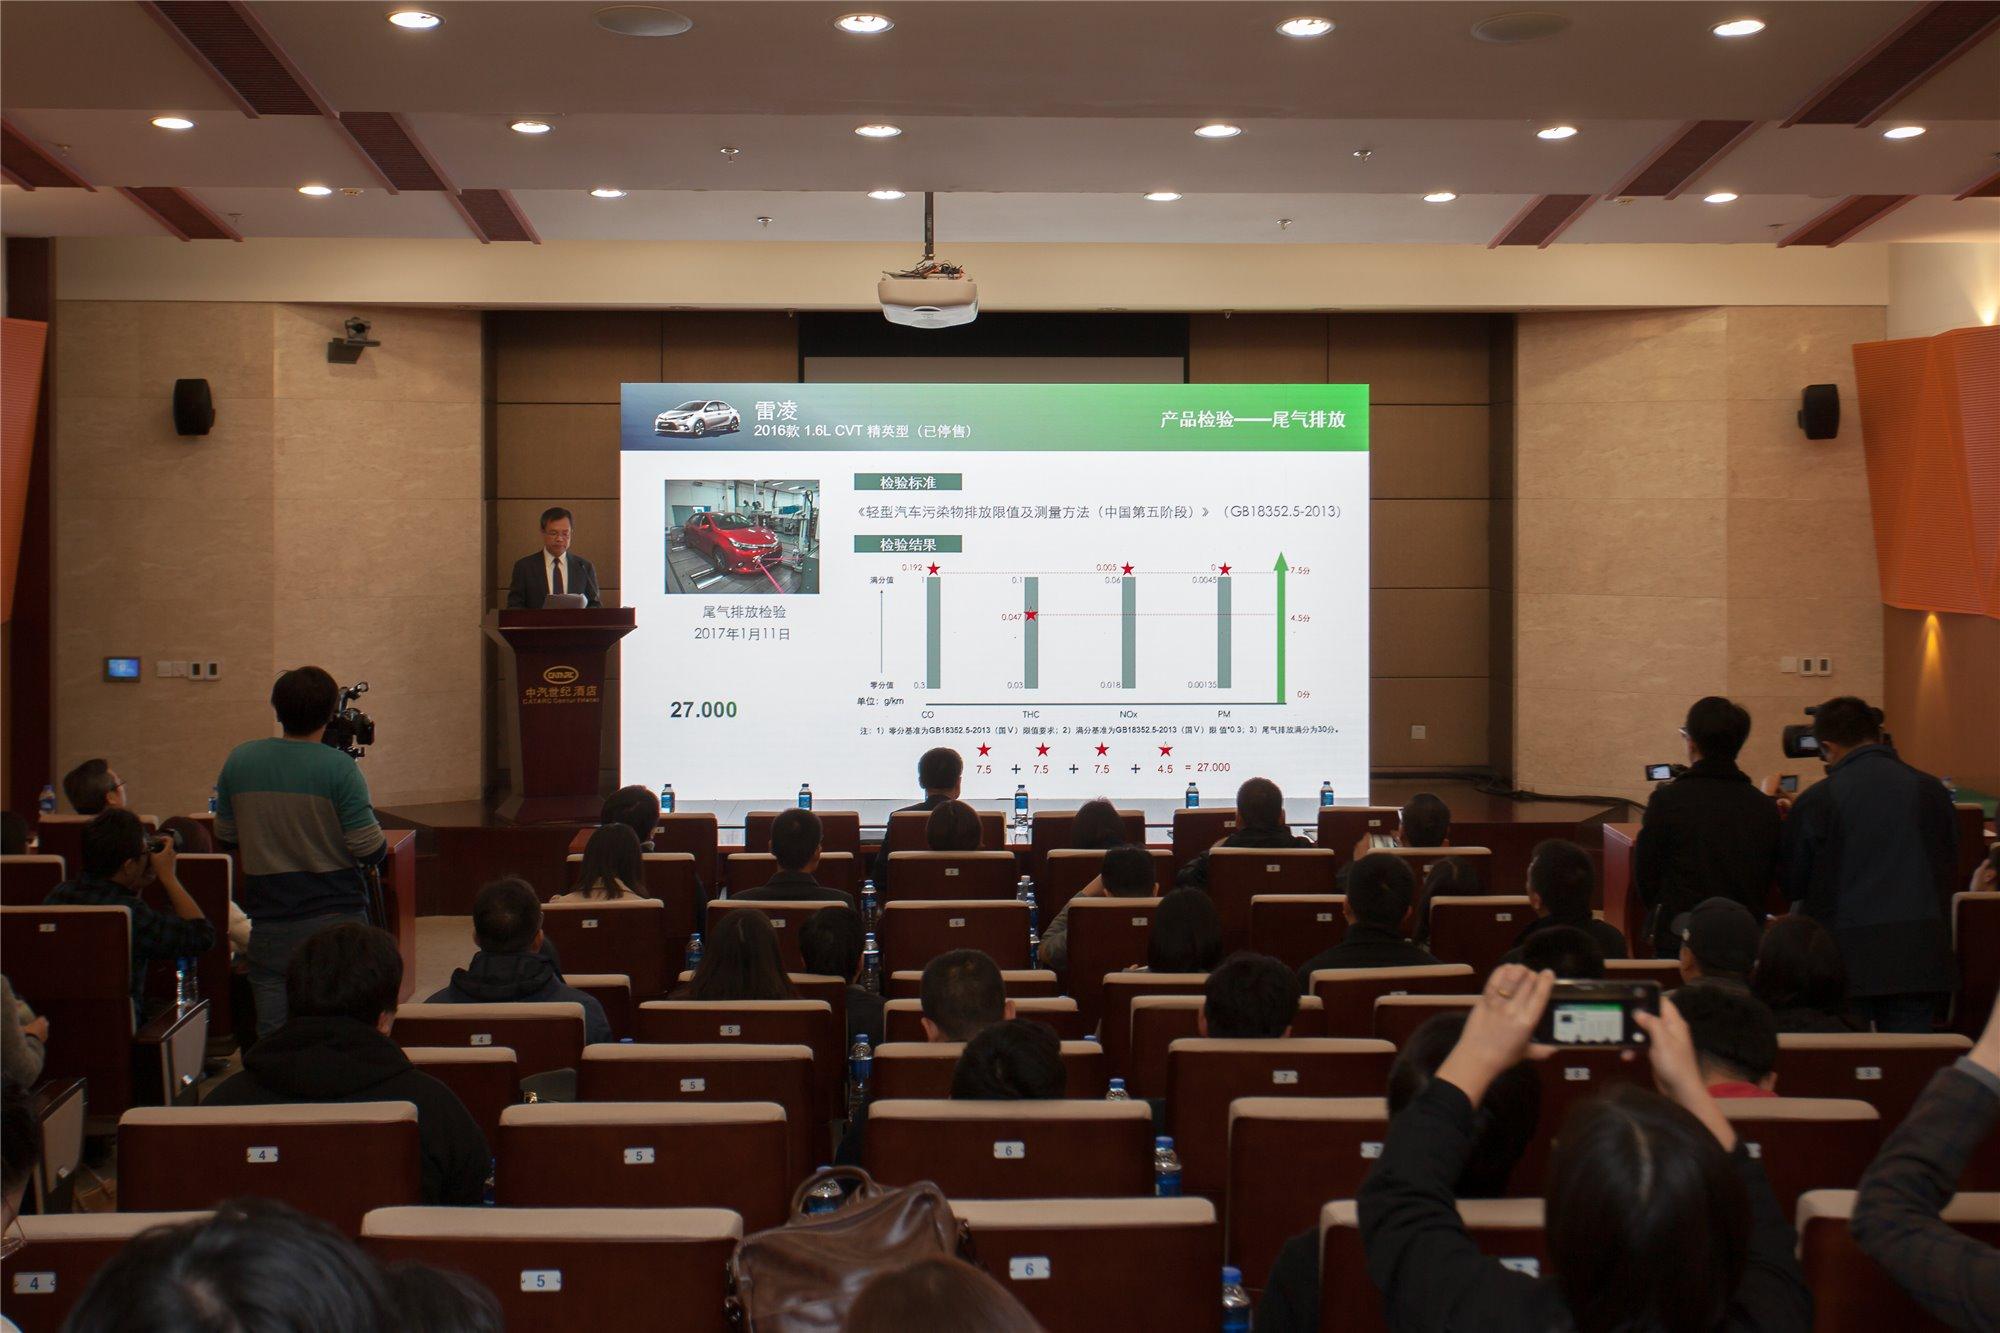 中国生态汽车抽车评价结果首次发布